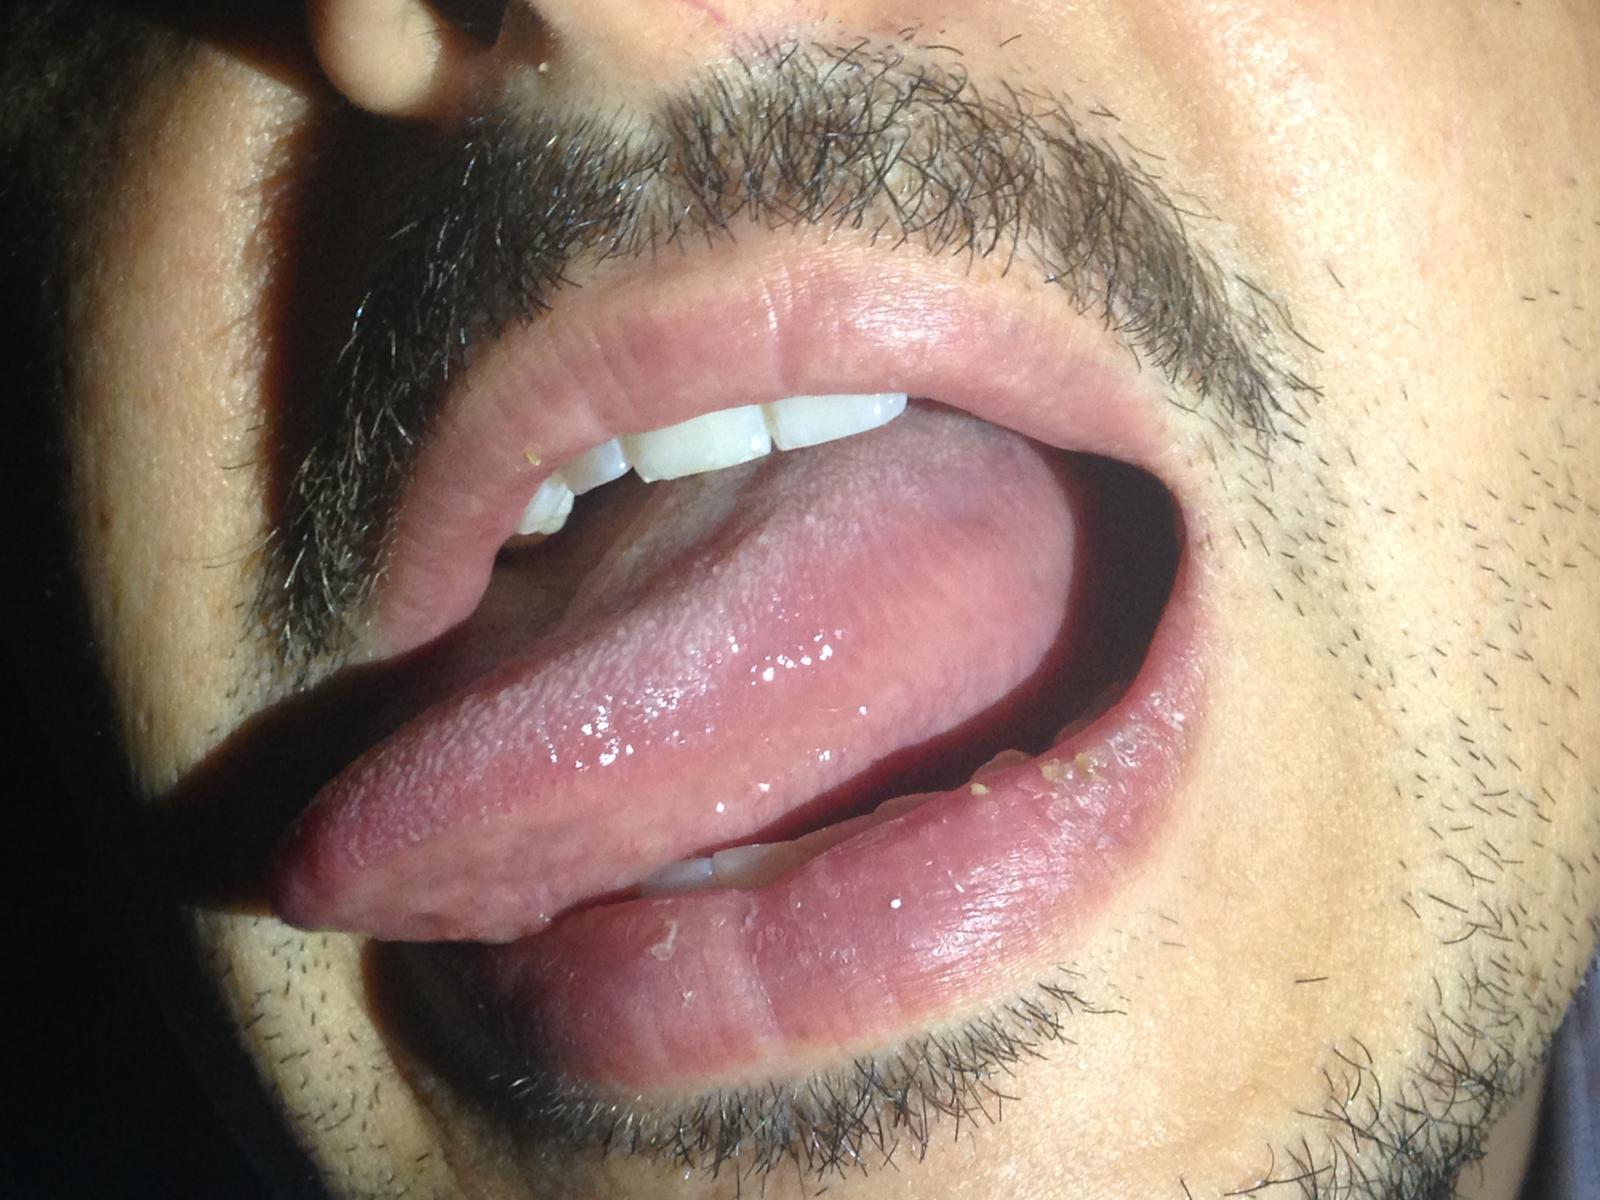 Ho notato un piccolo gonfiore nella parte laterale della lingua